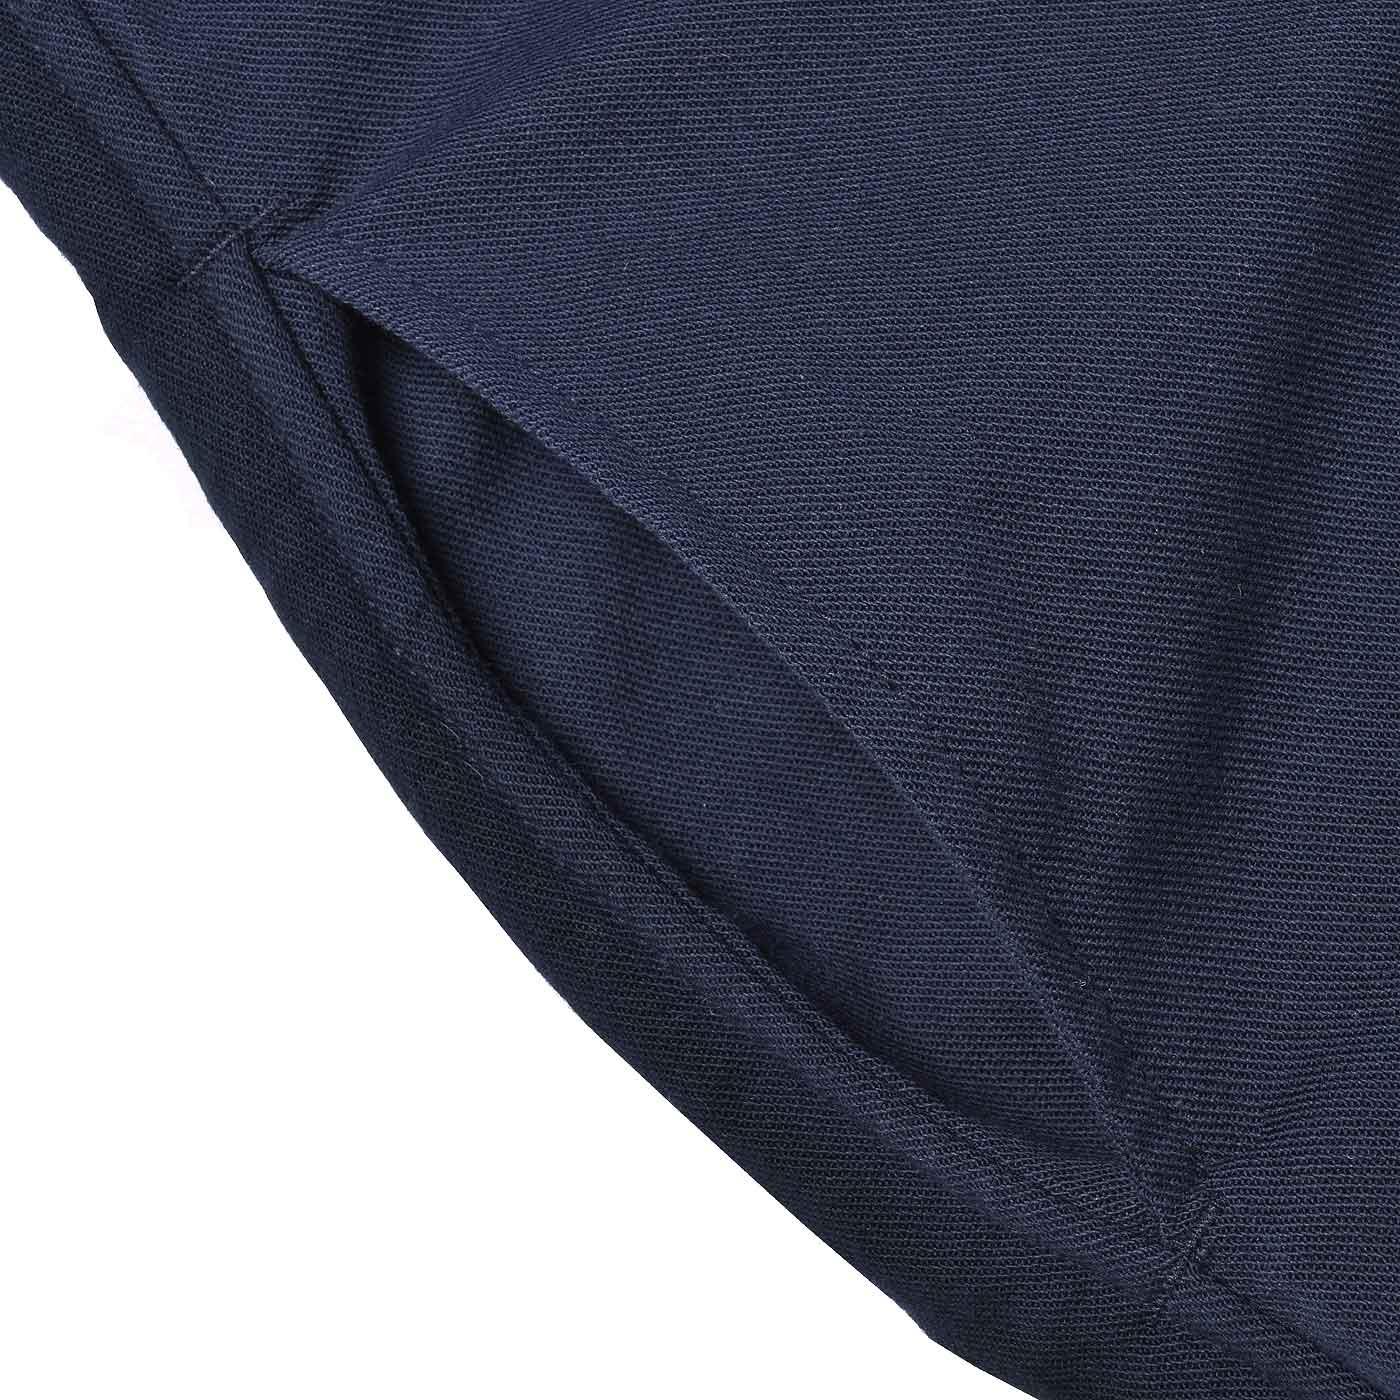 サイドポケットは家事や外出に何かと便利。